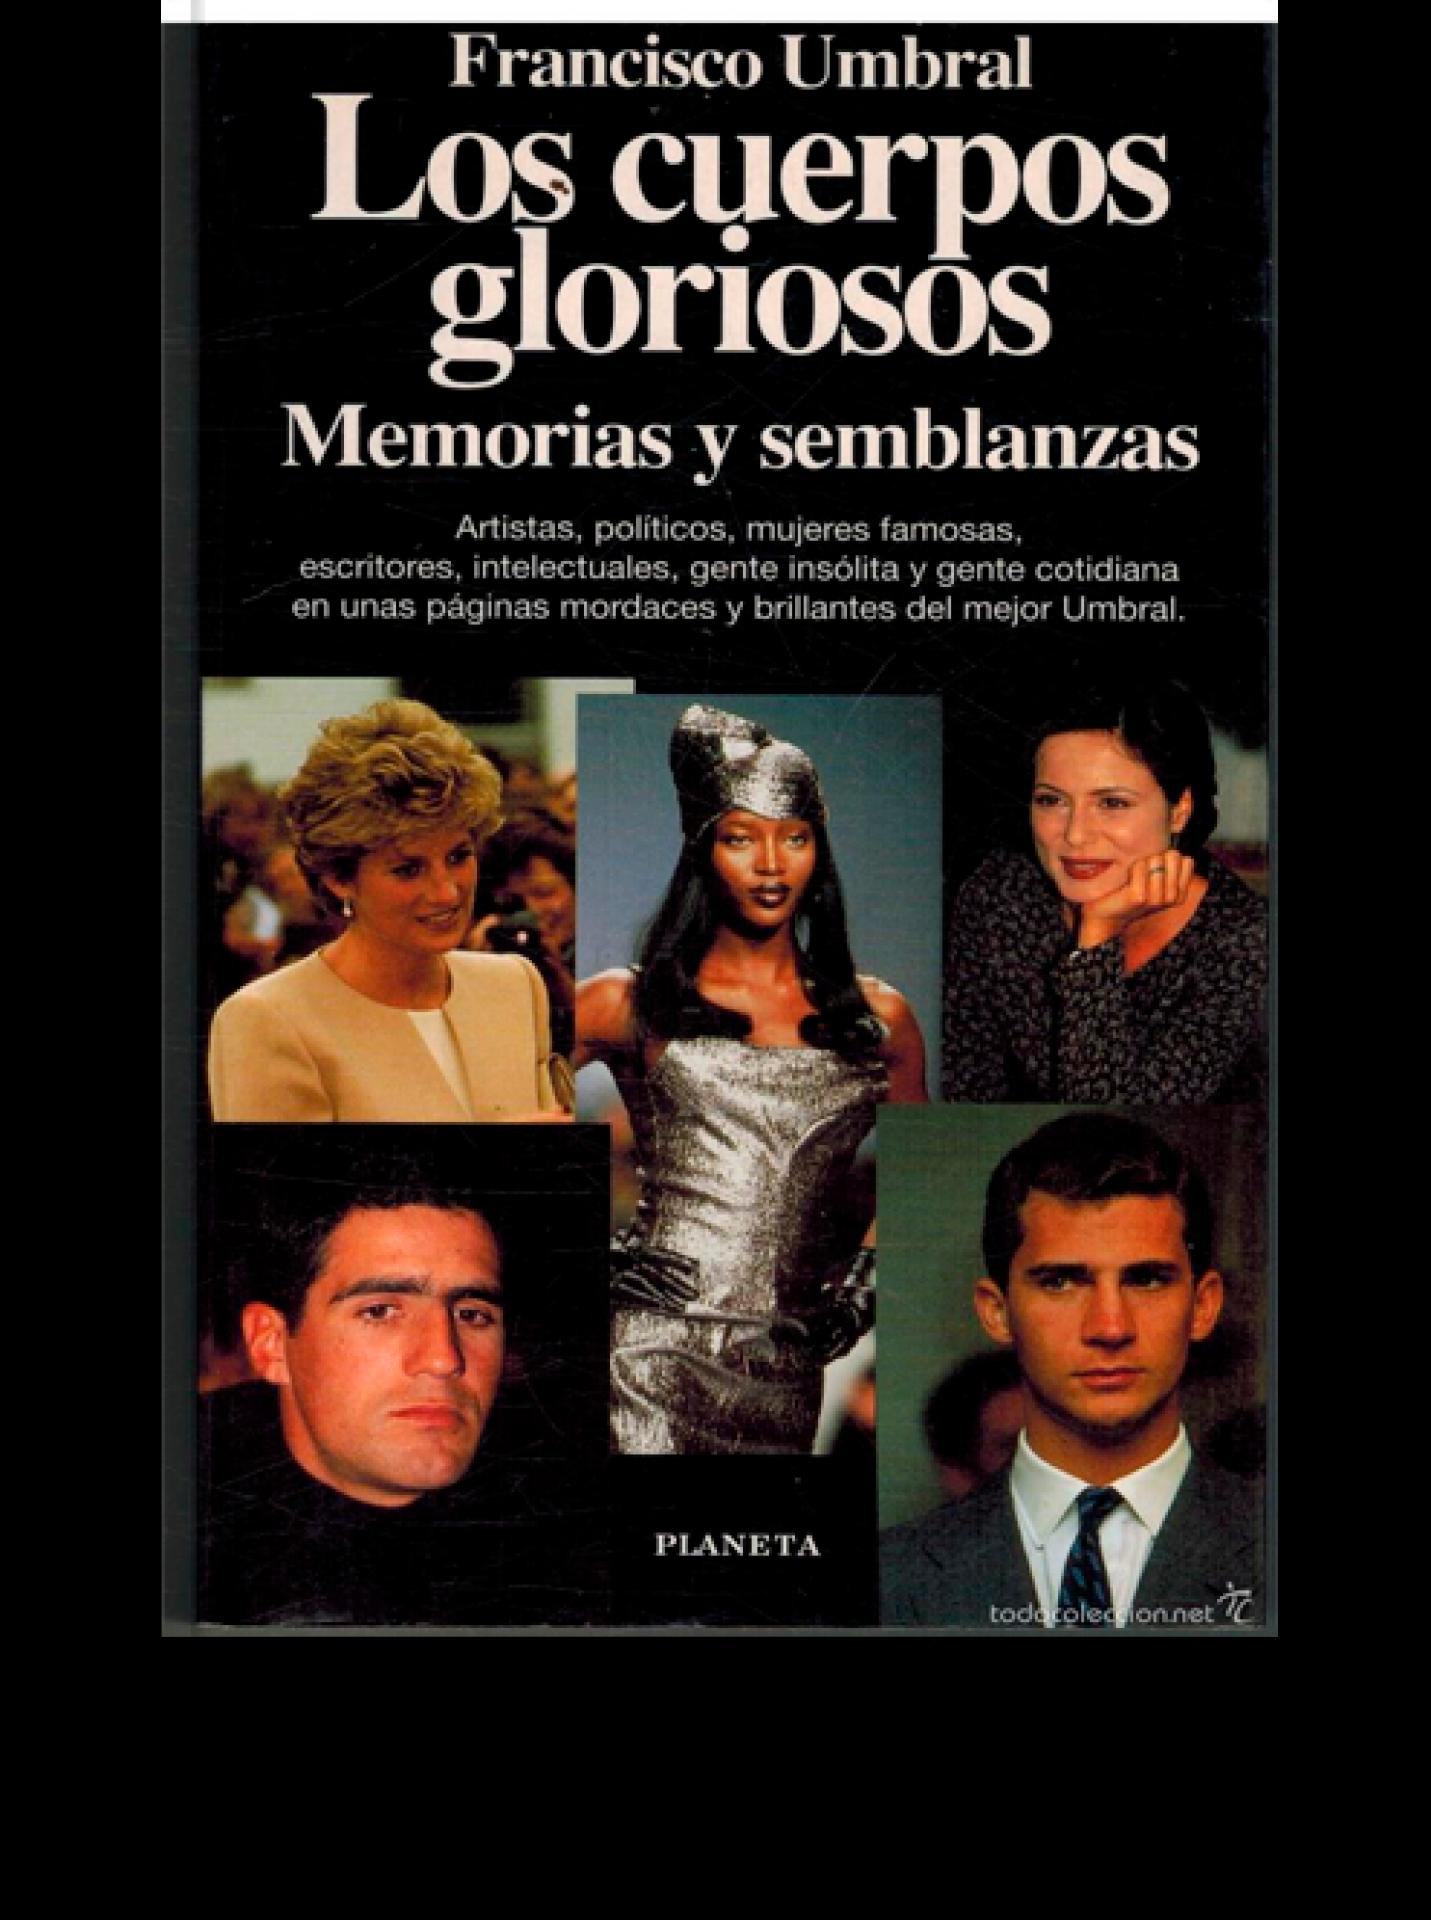 Los cuerpos gloriosos. Memorias y semblanzas